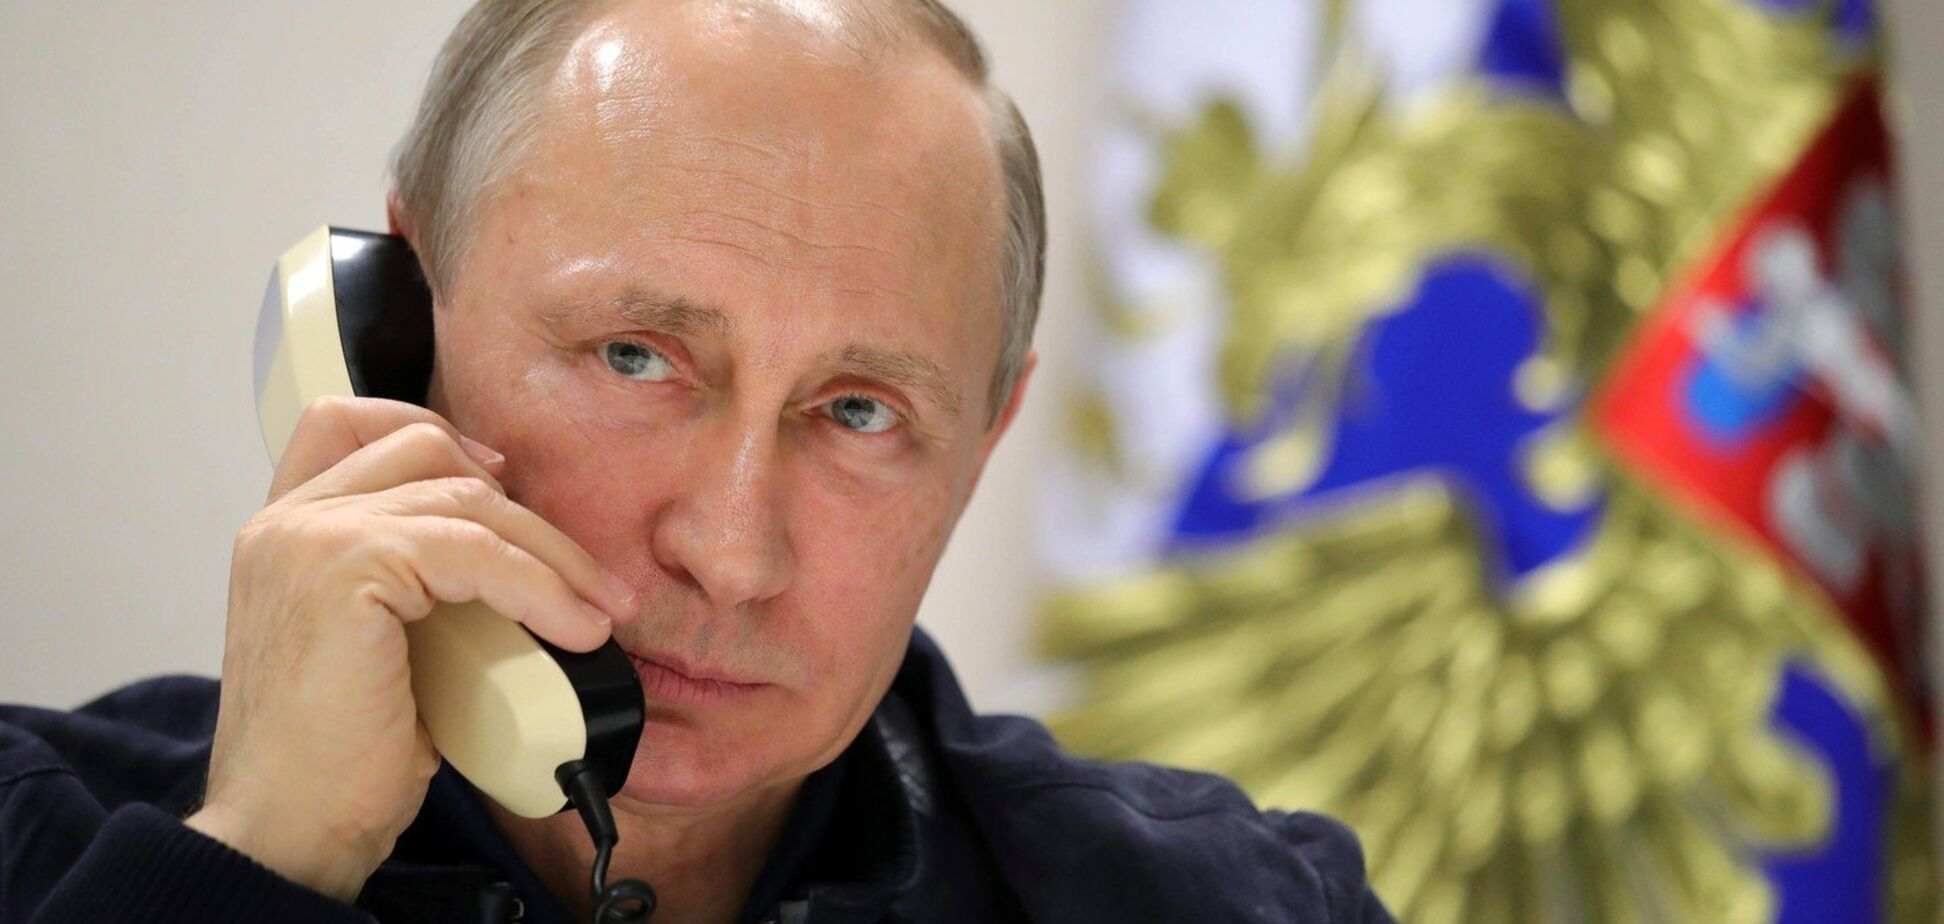 'Стандартный гэбистский прием': Пионтковский пояснил простую тактику Путина